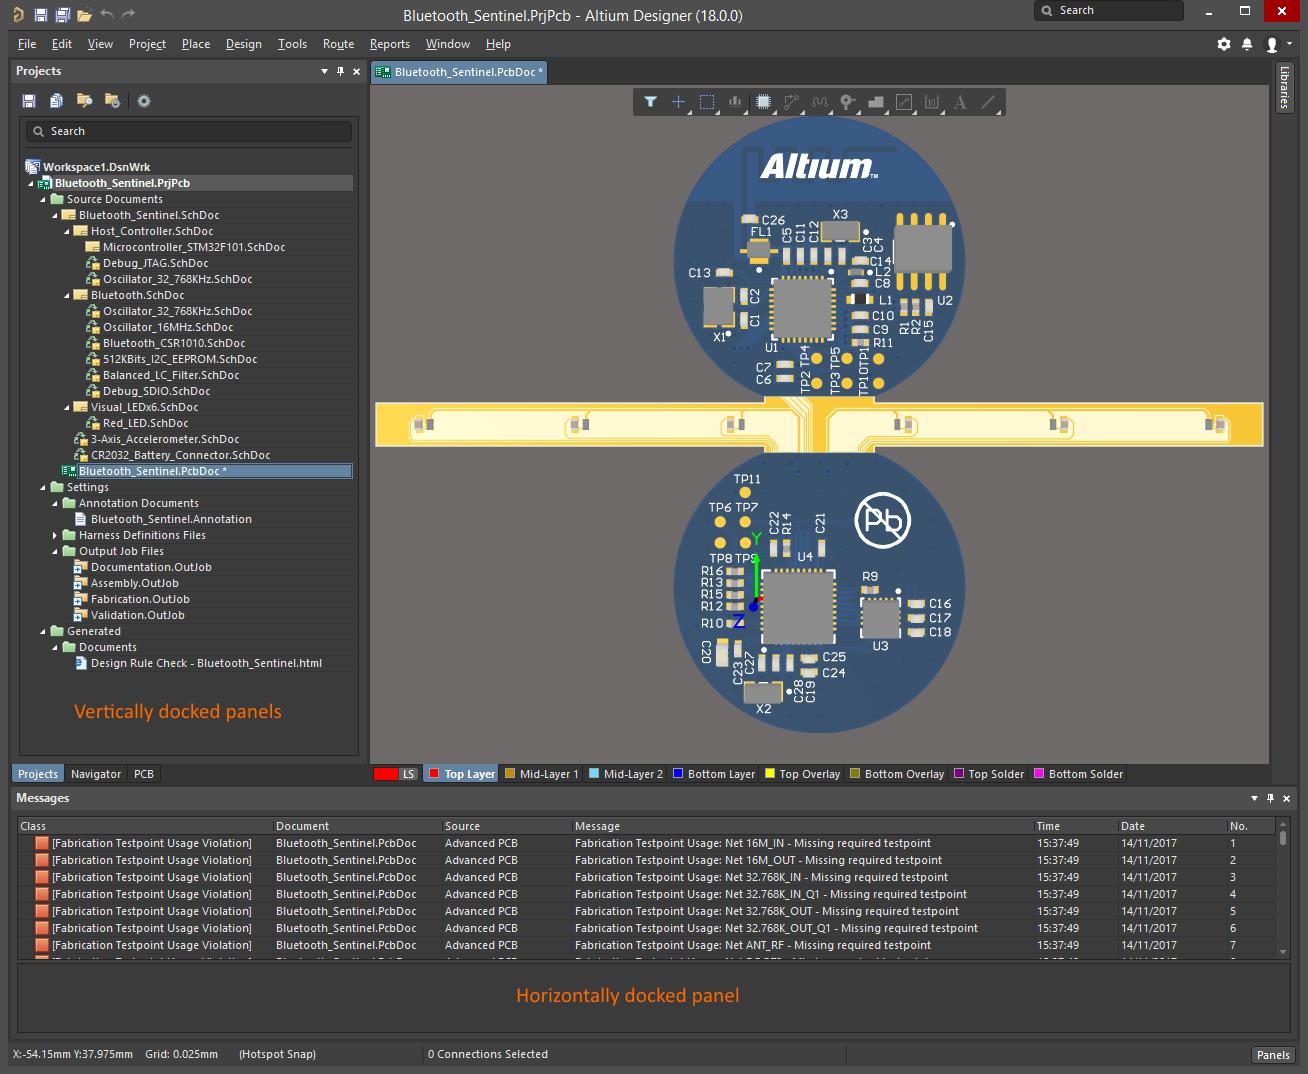 Working with Panels in Altium Designer | Altium Designer